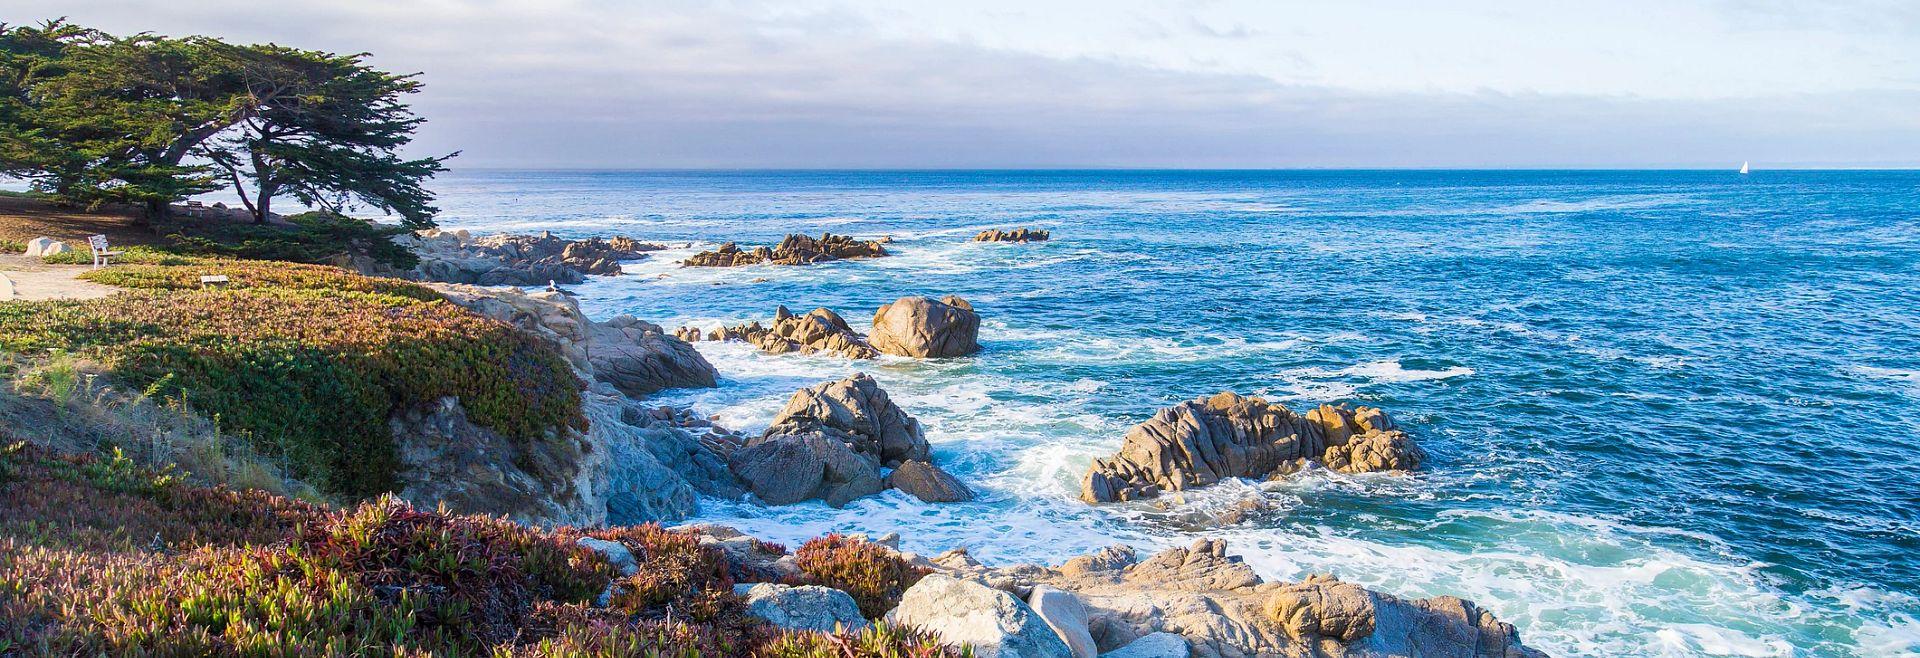 Monterey Ocean View